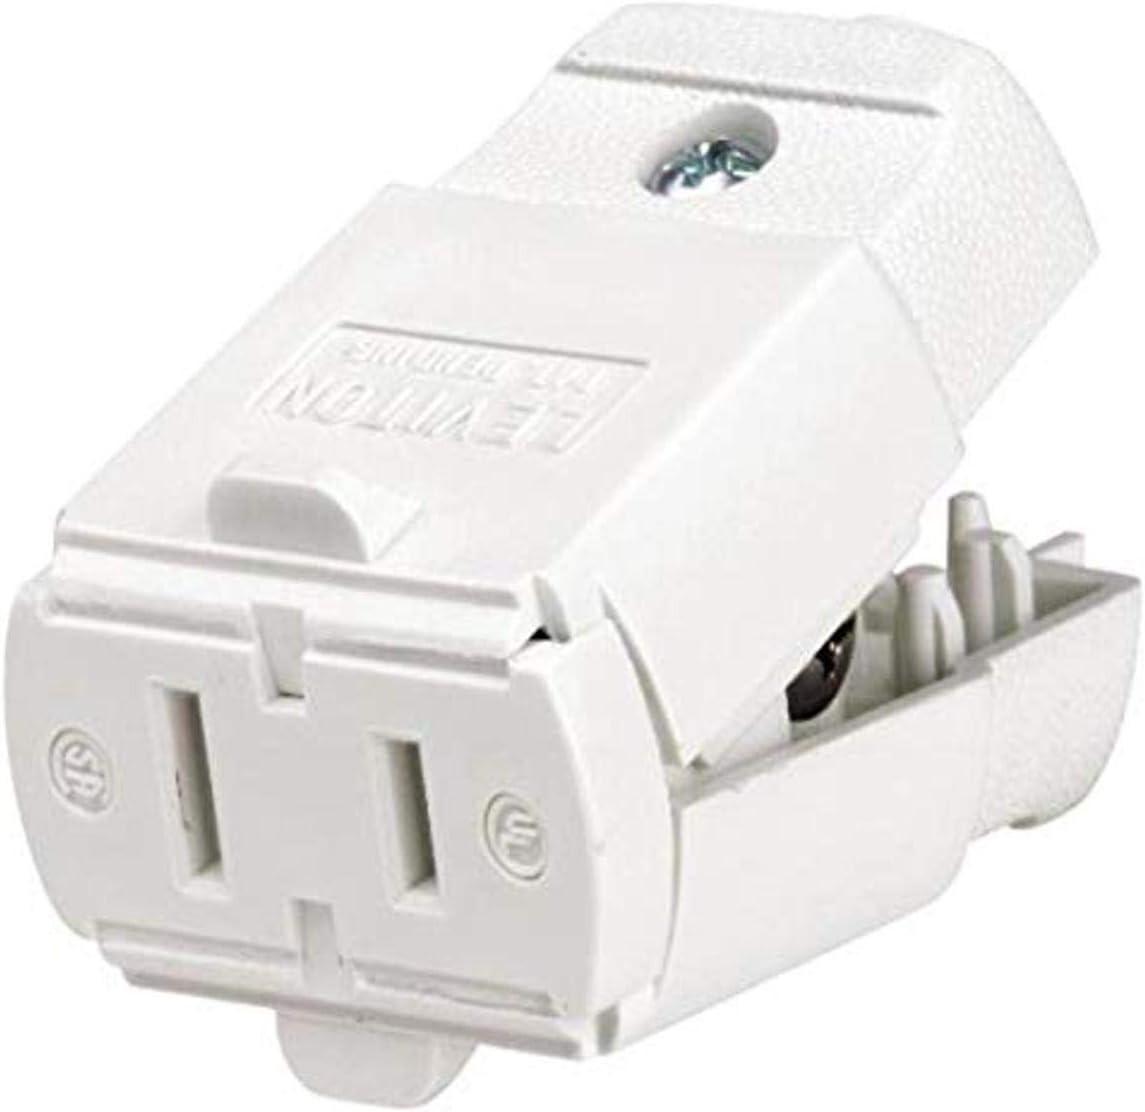 Leviton 102-WP 016-00102-0WP cheap 15 Amp 125 outlet Volt 1 Large-scale sale Pa Cord